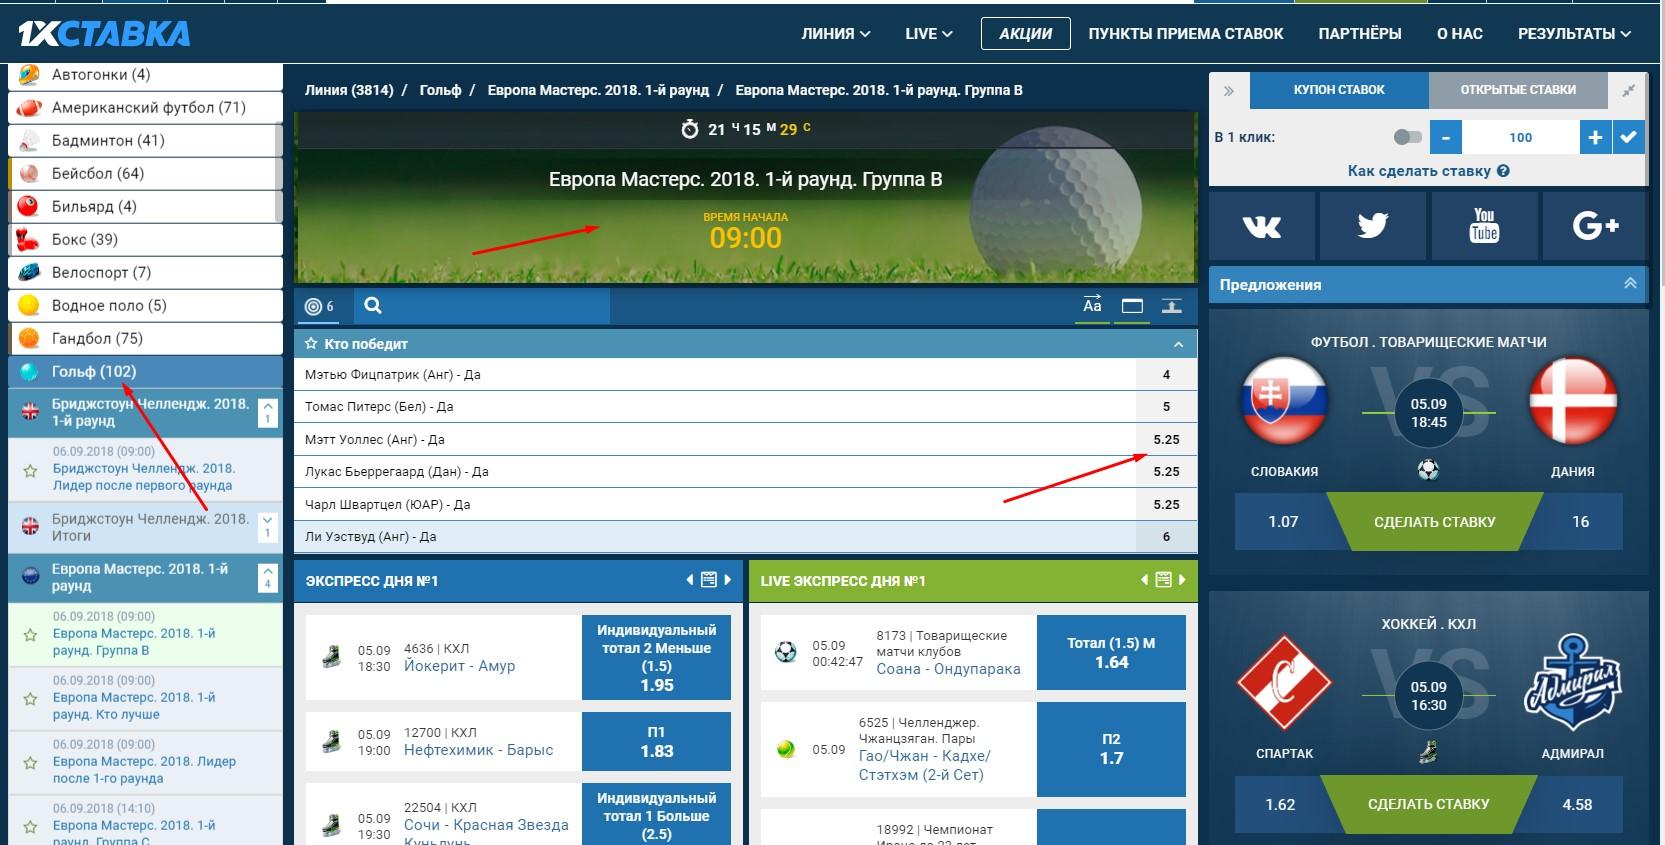 Делаем ставки на гольф правильно в БК 7